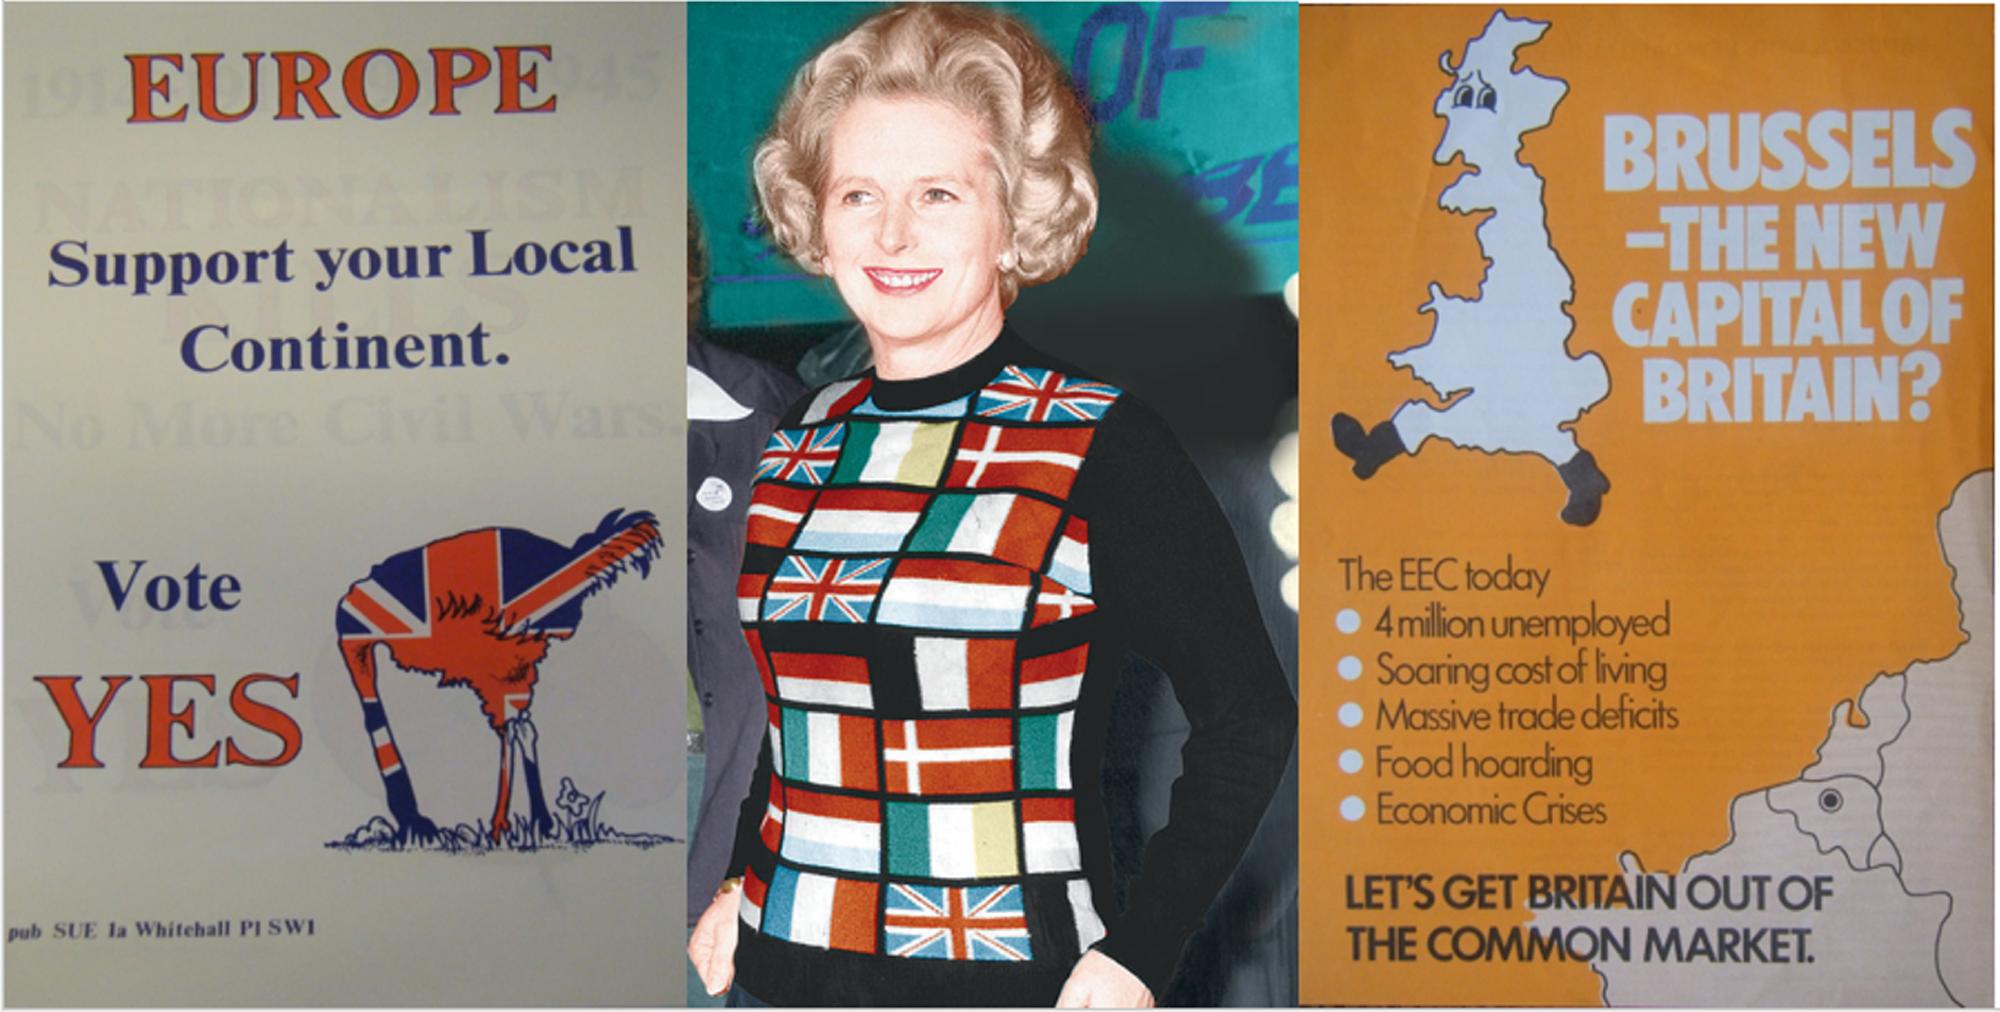 Thủ tướng Anh Margaret Thatcher mặc chiếc áo in hình các quốc gia châu Âu, đứng trước những tấm áp phích cho các chiến dịch Có và Không tại cuộc trưng cầu dân ý năm 1975